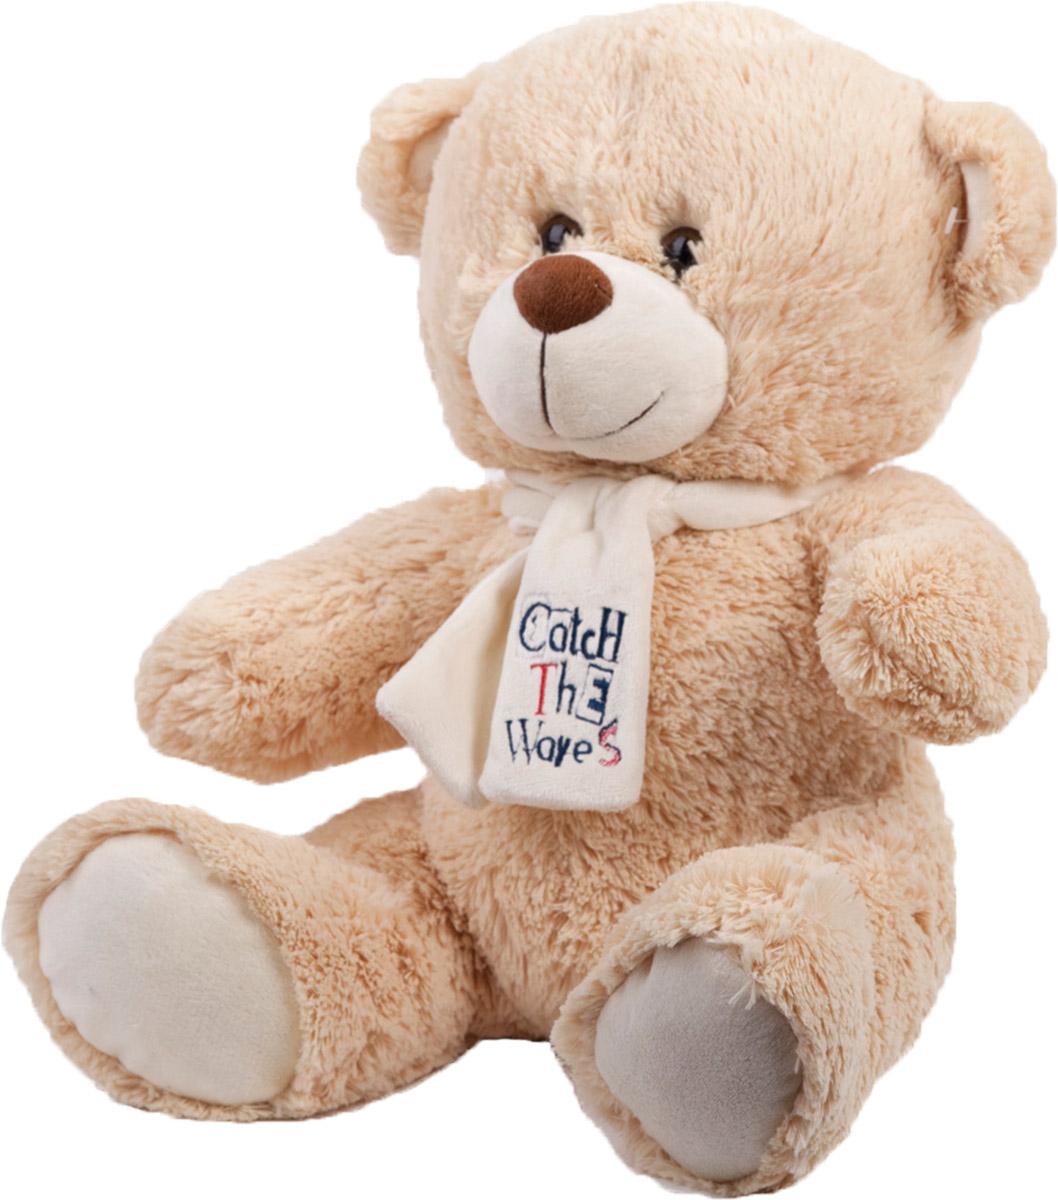 Button Blue Мягкая игрушка Медведь Тишка с шарфиком 40 см40-12-0008-1Мягкая игрушка Медведь Тишка, выполнена в виде очаровательного медвежонка. Игрушка изготовлена из плюша и искусственного меха светло- бежевого цвета. У Тишки пластиковые черные глазки, милая улыбка, а на шее белый шарфик. Удивительно мягкая игрушка принесет радость и подарит своему обладателю мгновения нежных объятий и приятных воспоминаний. Великолепное качество исполнения делают эту игрушку чудесным подарком к любому празднику. Трогательная и симпатичная, она непременно вызовет улыбку у детей и взрослых.